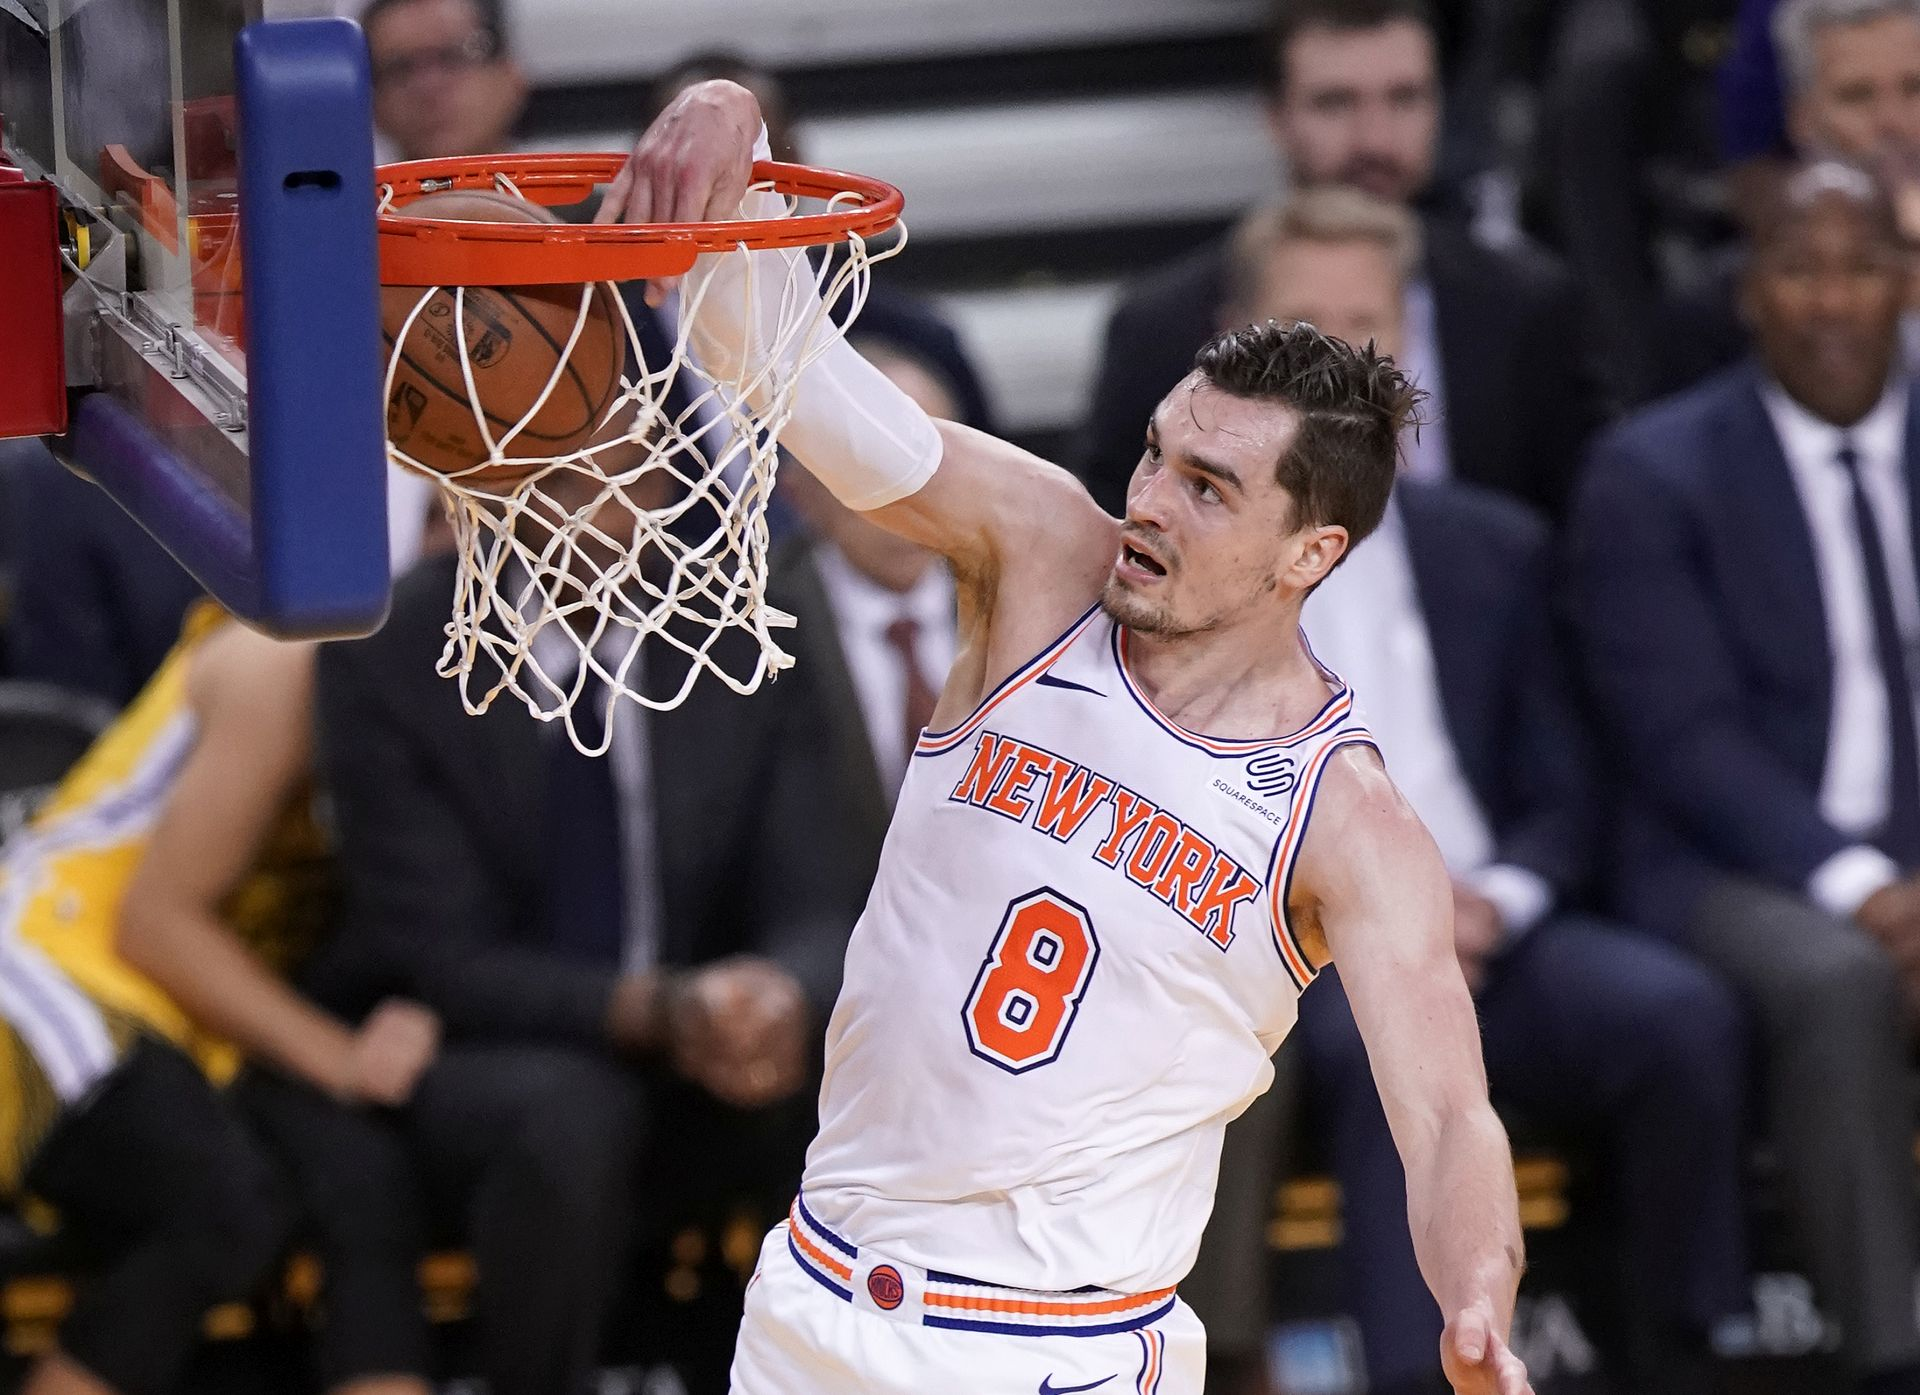 NBA Hezonja najučinkovitiji u porazu Knicksa, Bogdanović zabio 23